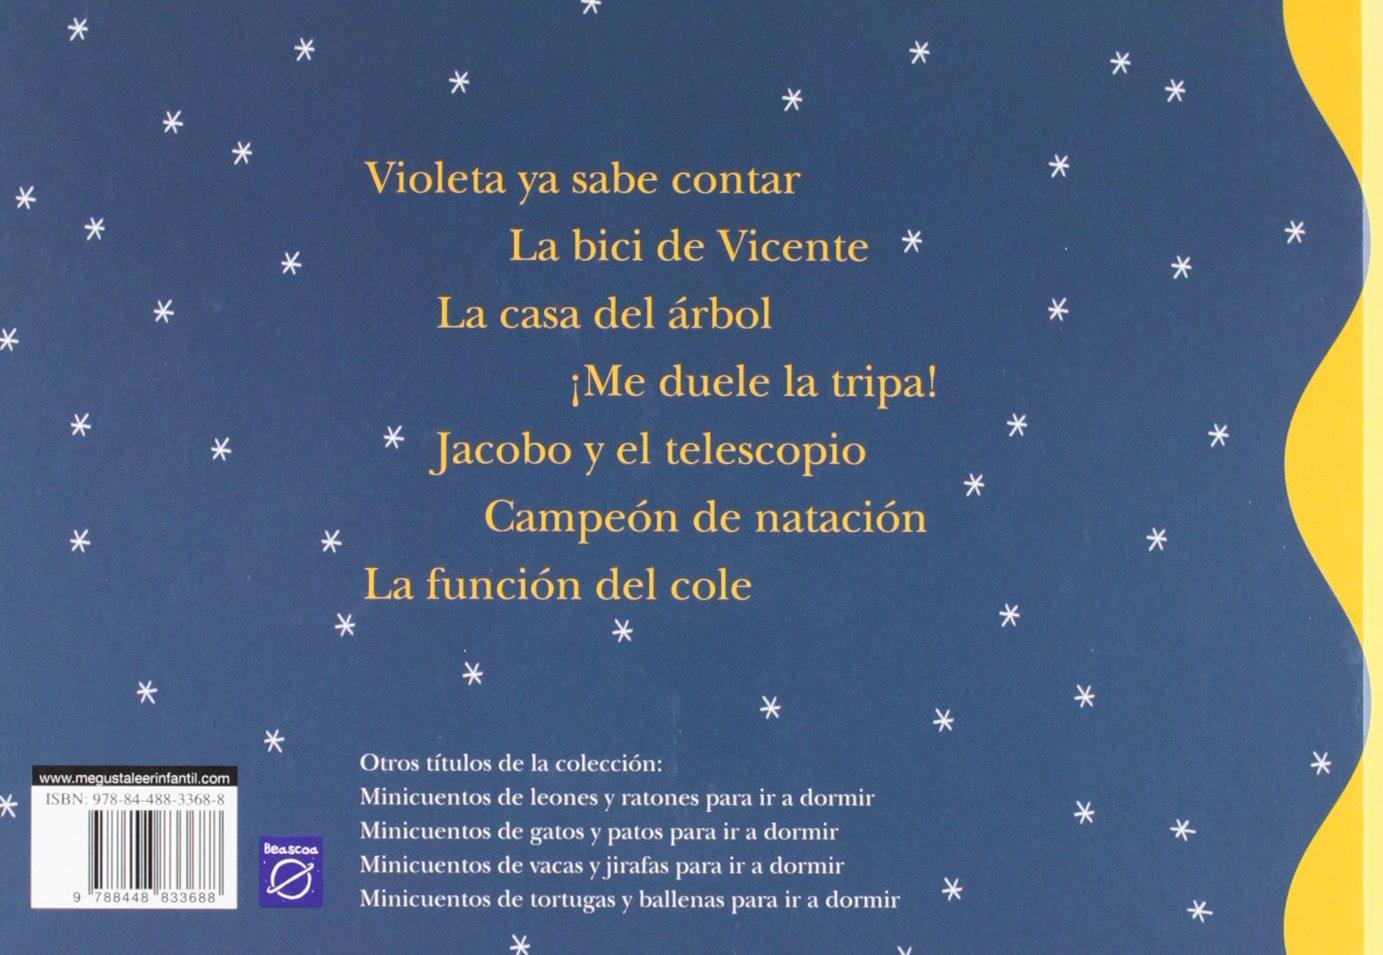 Minicuentos de vacas y jirafas para ir a dormir / Mini Bedtime stories of cows and giraffes (Spanish Edition): Magela Ronda, Blanca Bk: 9788448833688: ...